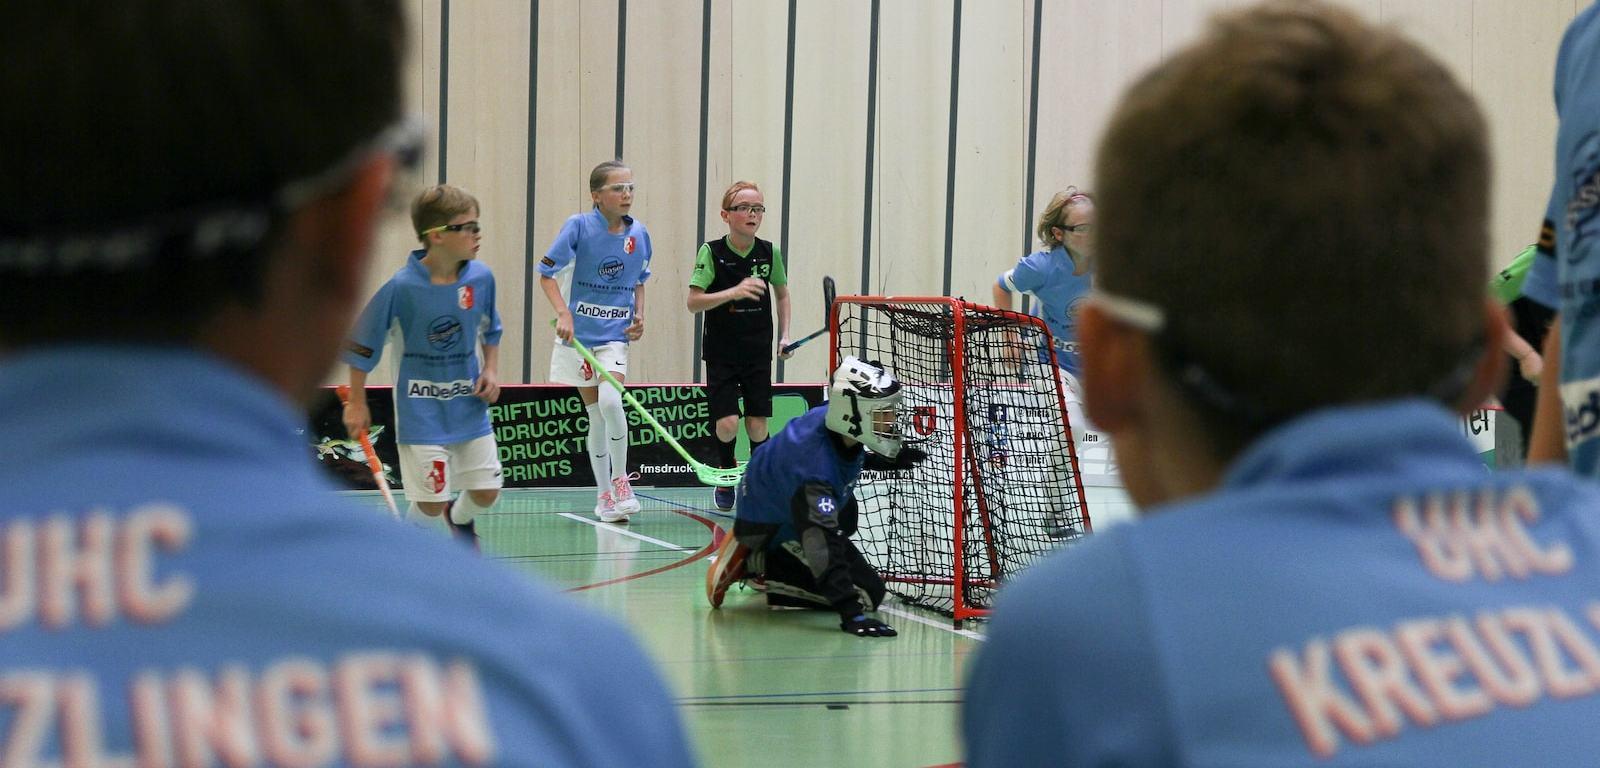 Match der D-Junioren vom UHC Kreuzlingen. Foto: Bettina Schnerr